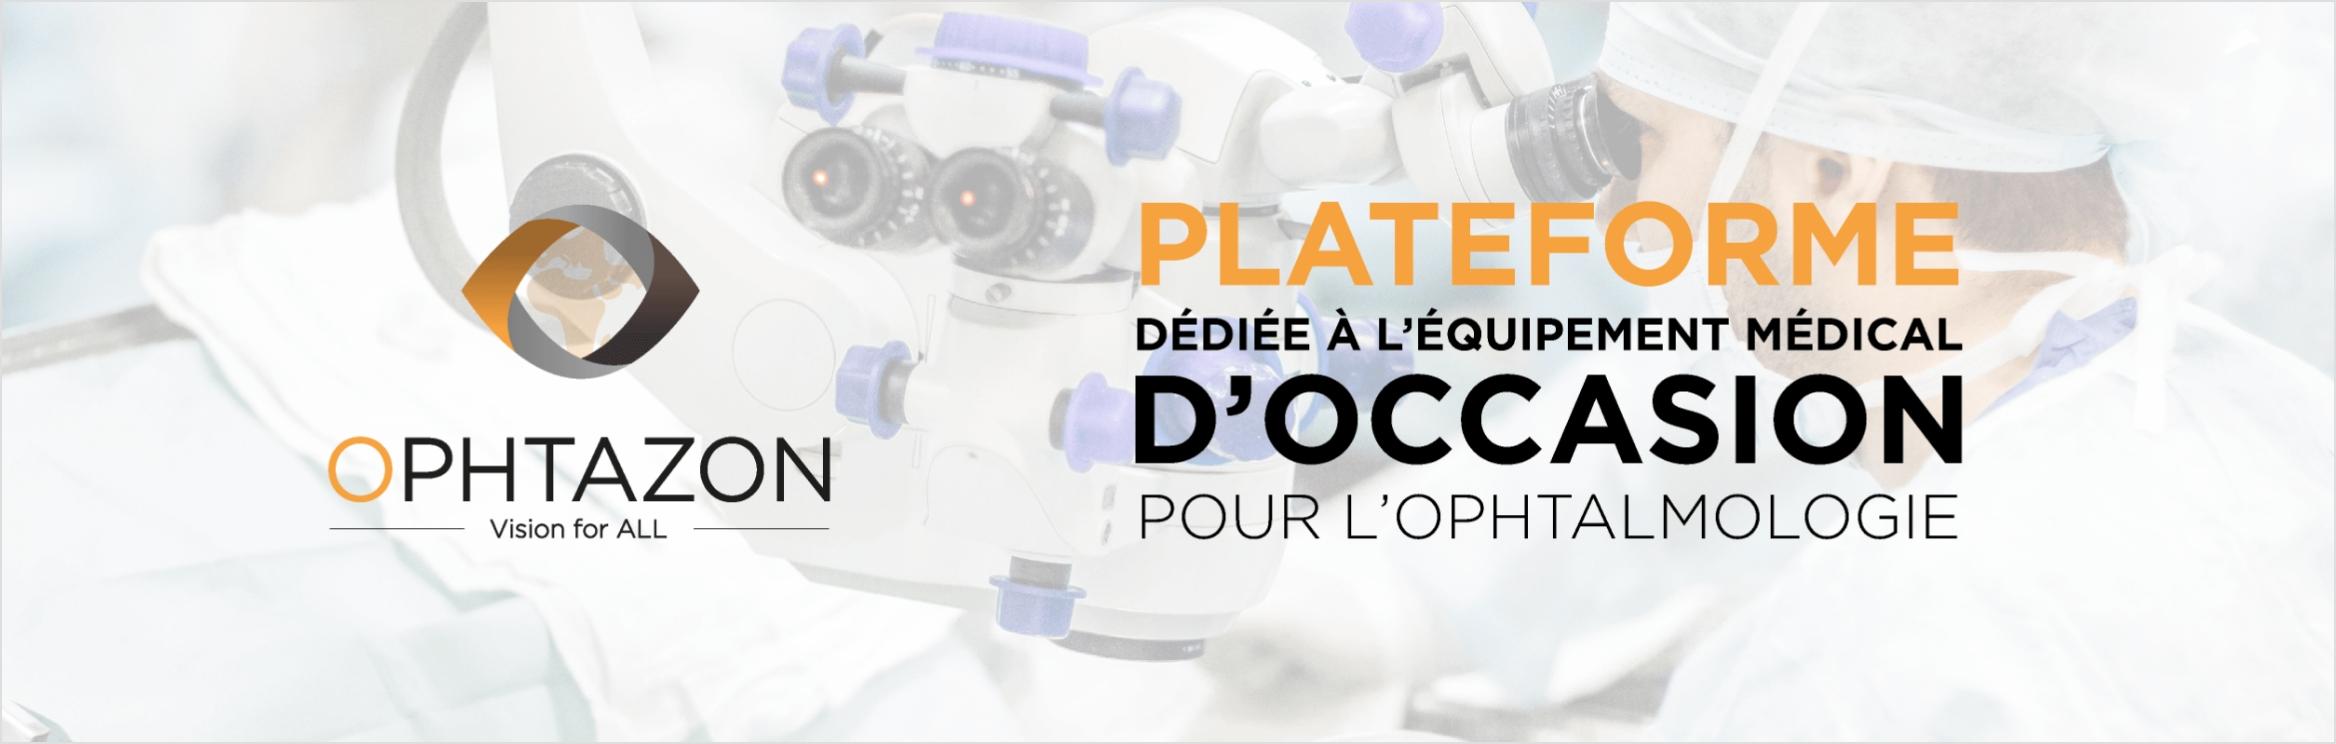 Plateforme dédiée à l'équipement médical d'occasion pour l'ophtalmologie